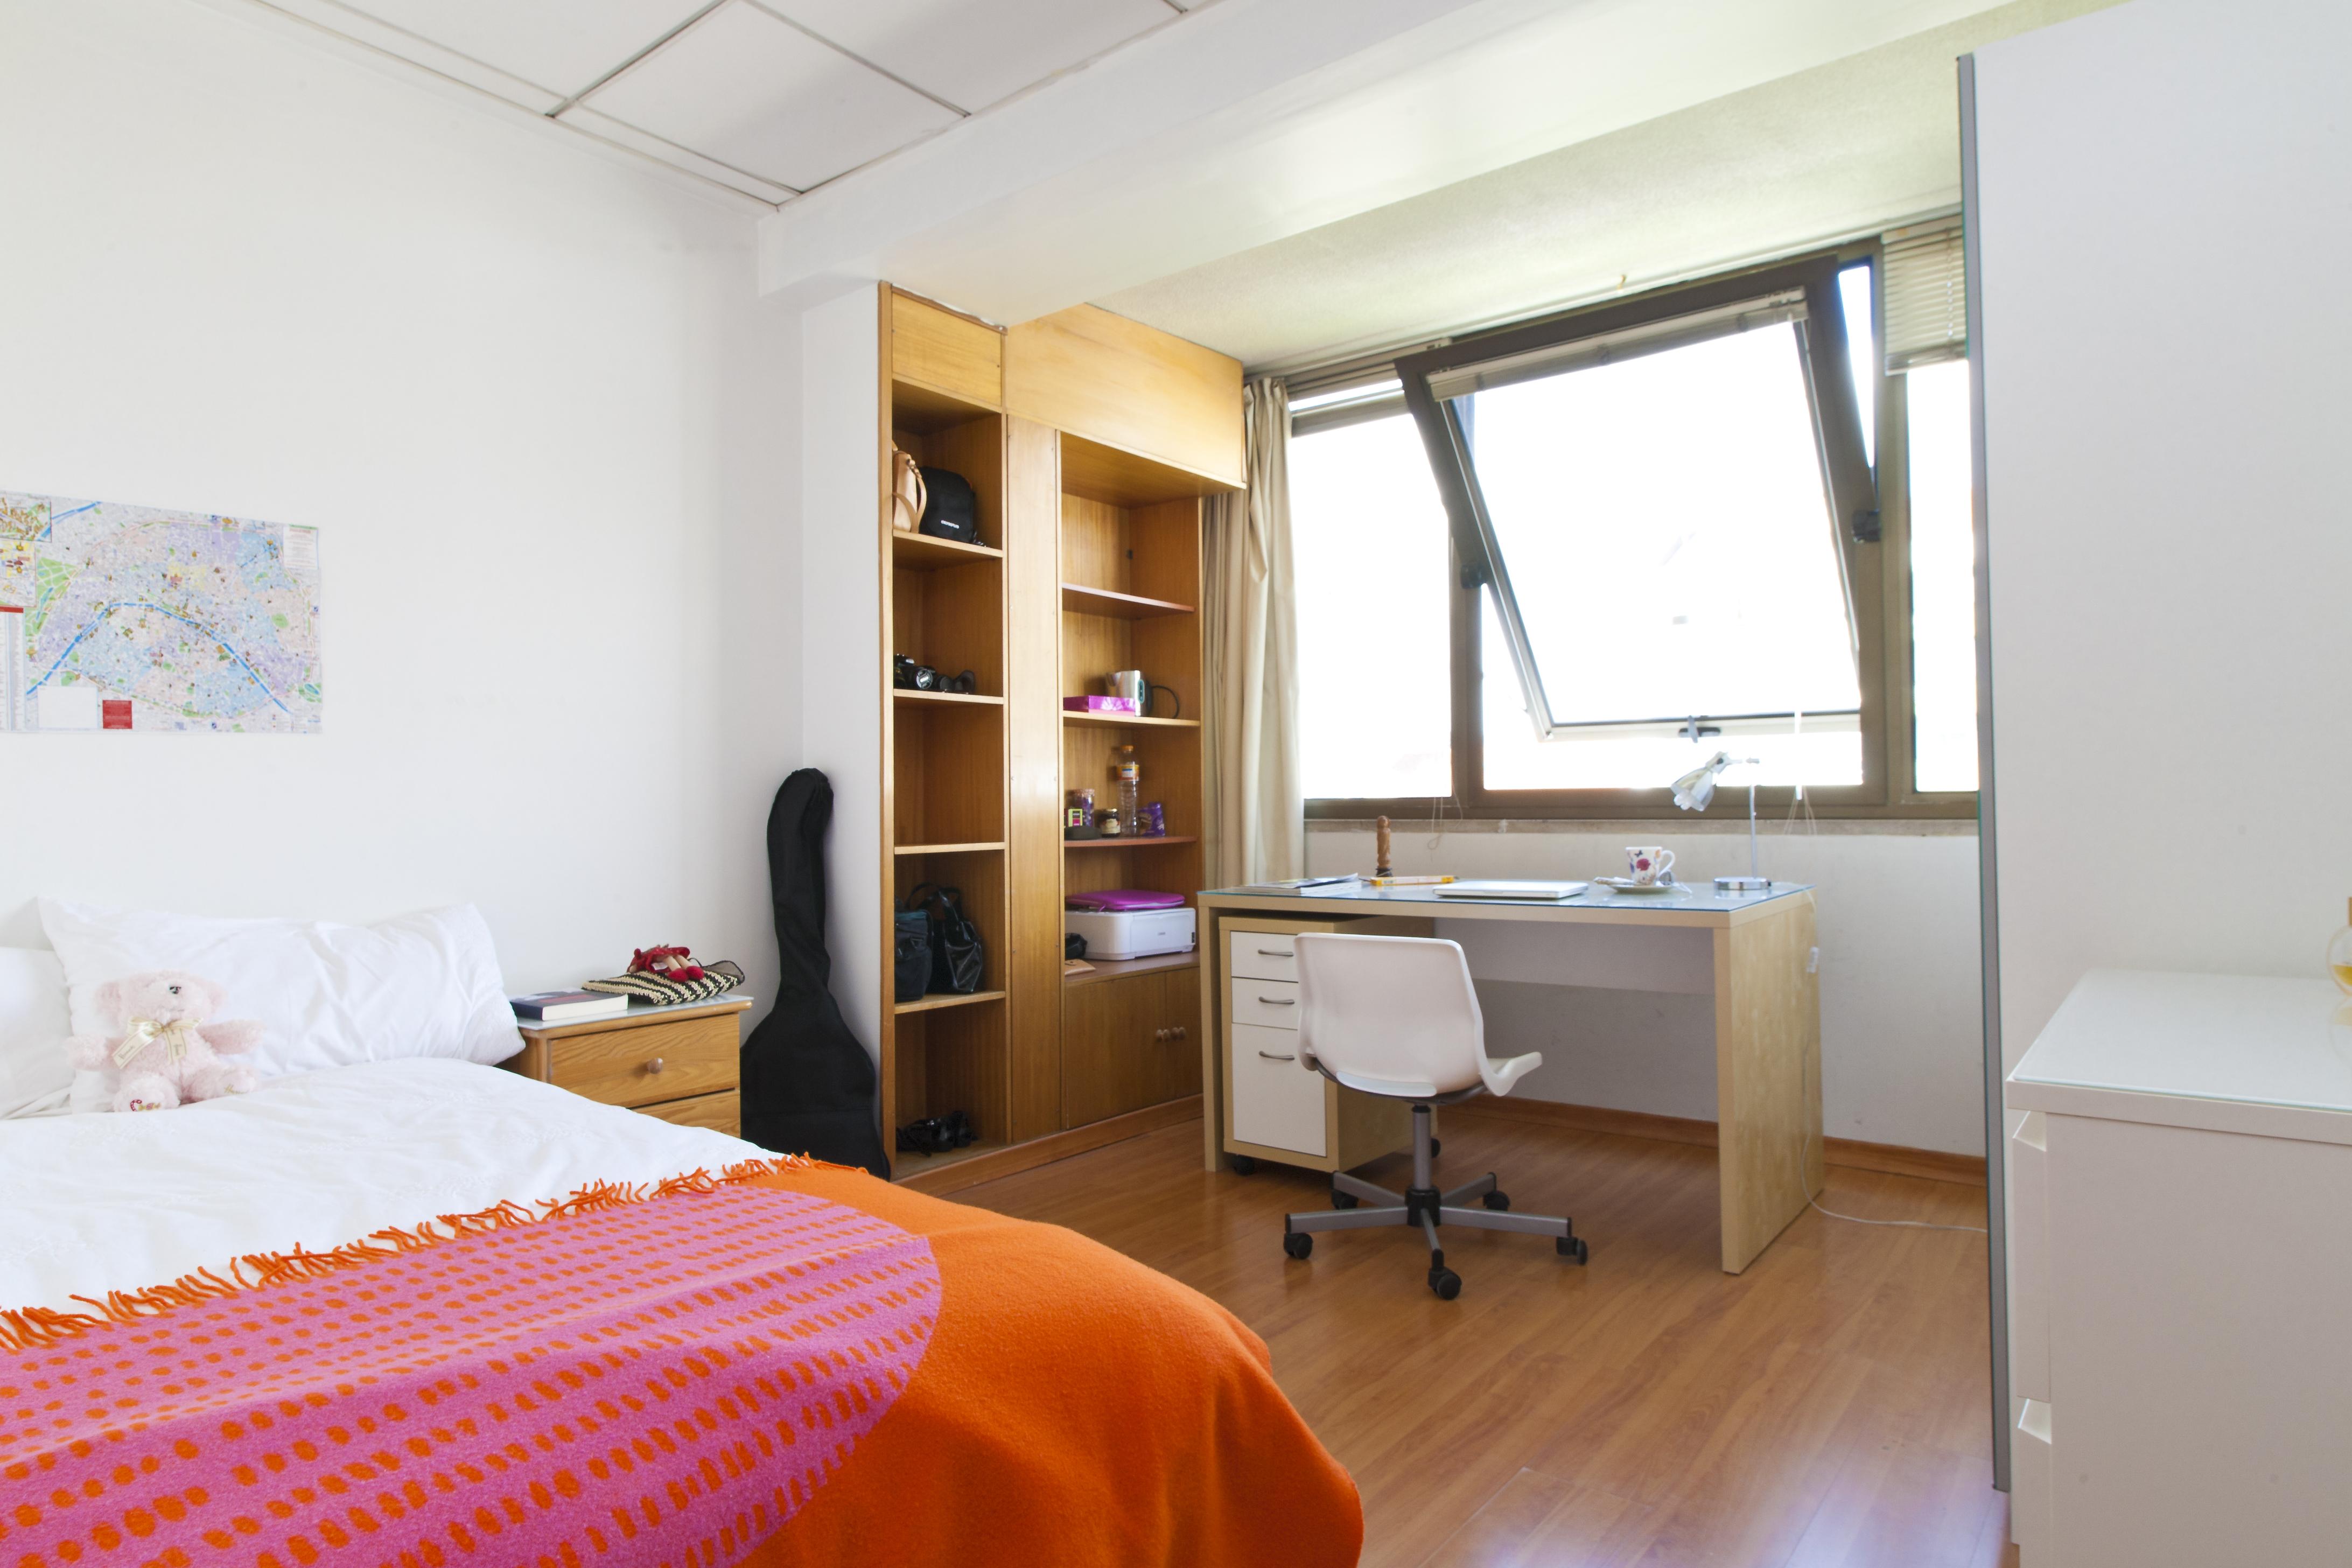 AR_-_Quarto.Room_nº4_-_Foto_1.jpg